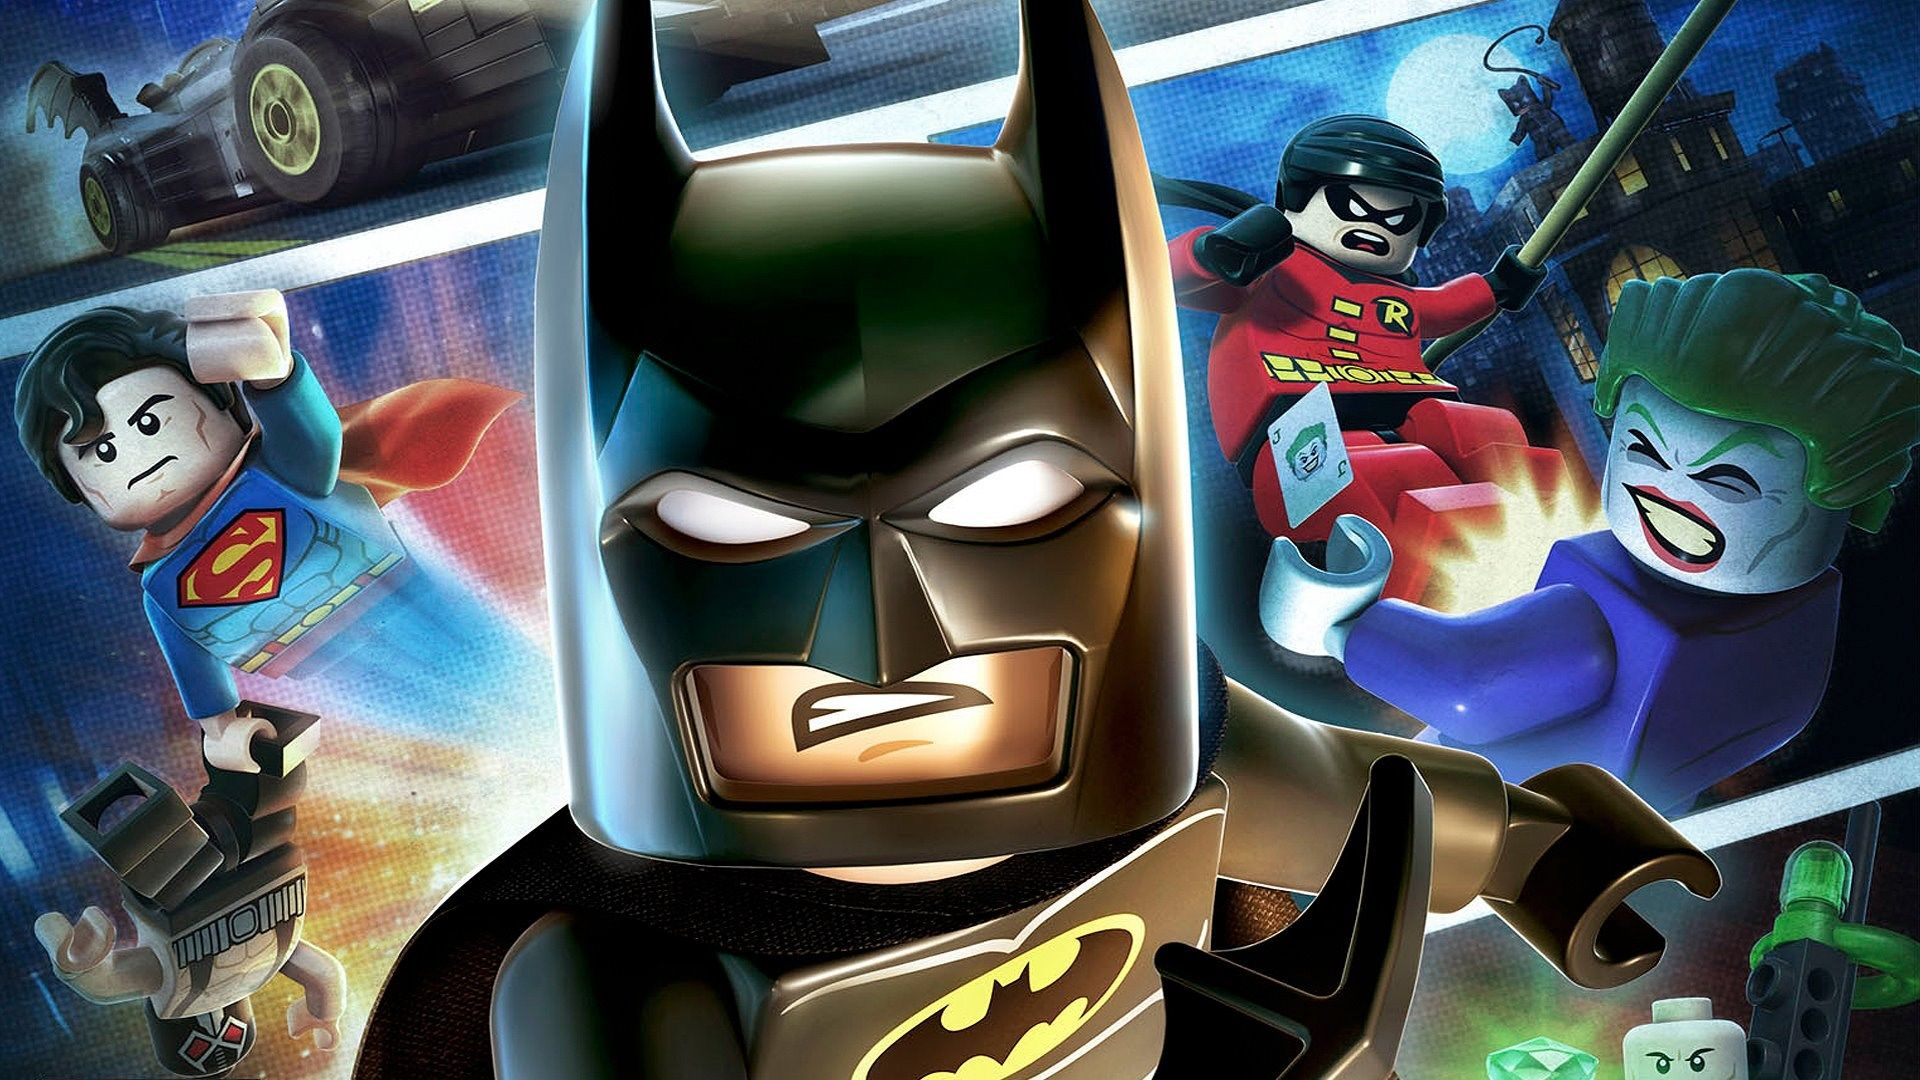 Must see Wallpaper High Resolution Superhero - d9927e64ecca92c00ebd26a6619d7c91  Gallery_285093.jpg